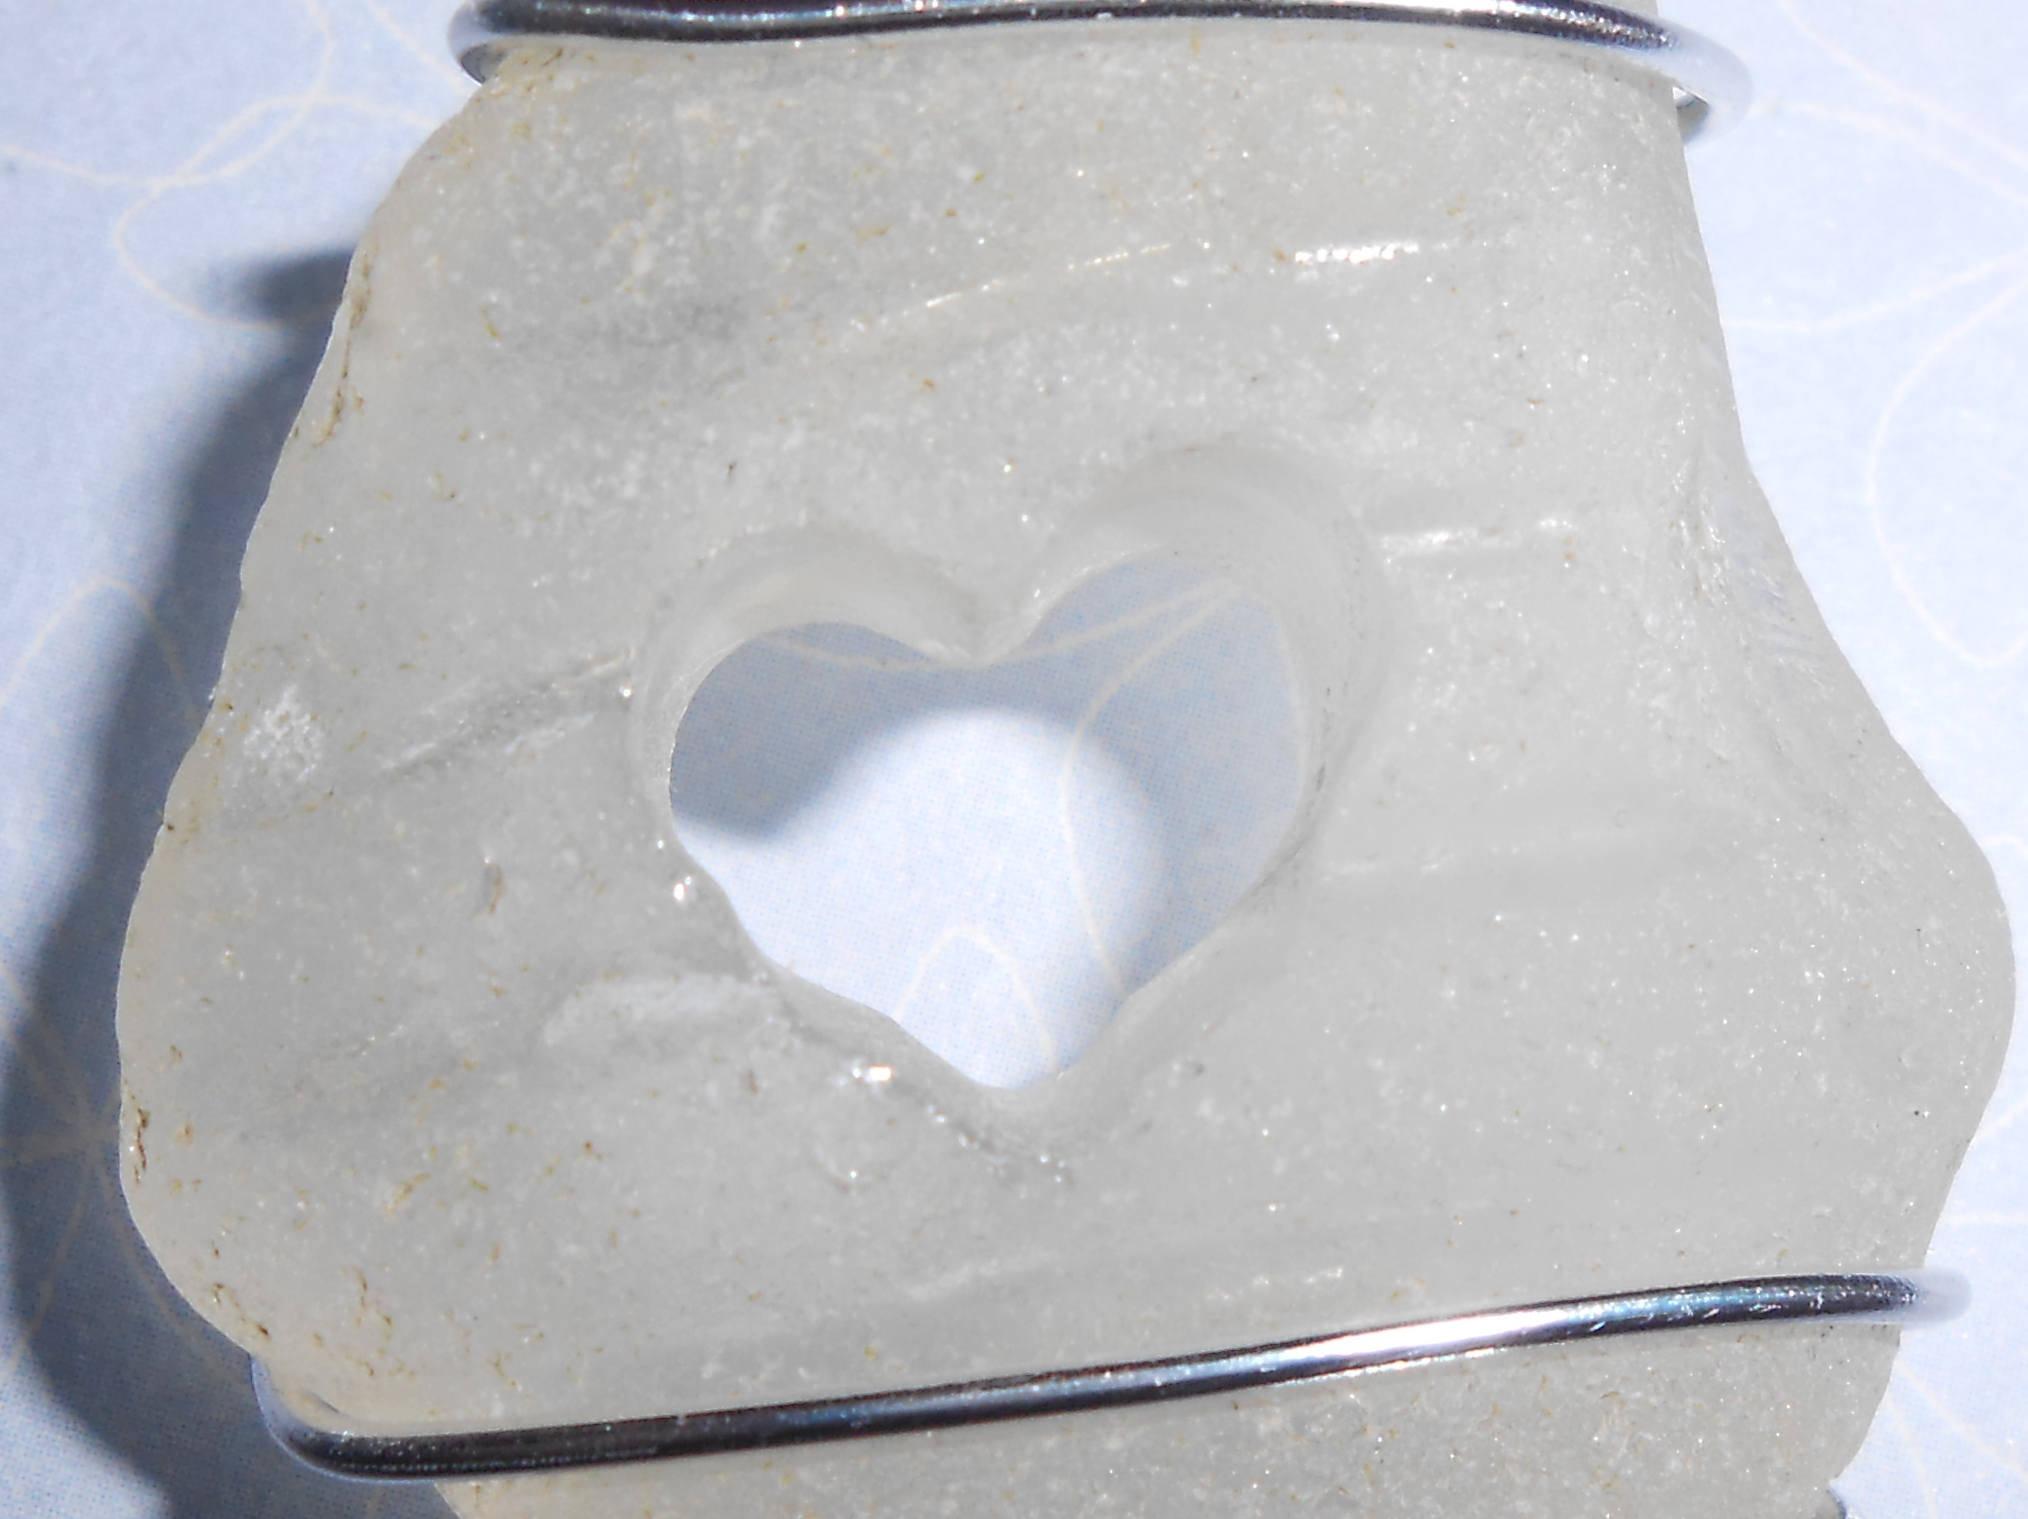 Pendentif en verre poli par la mer